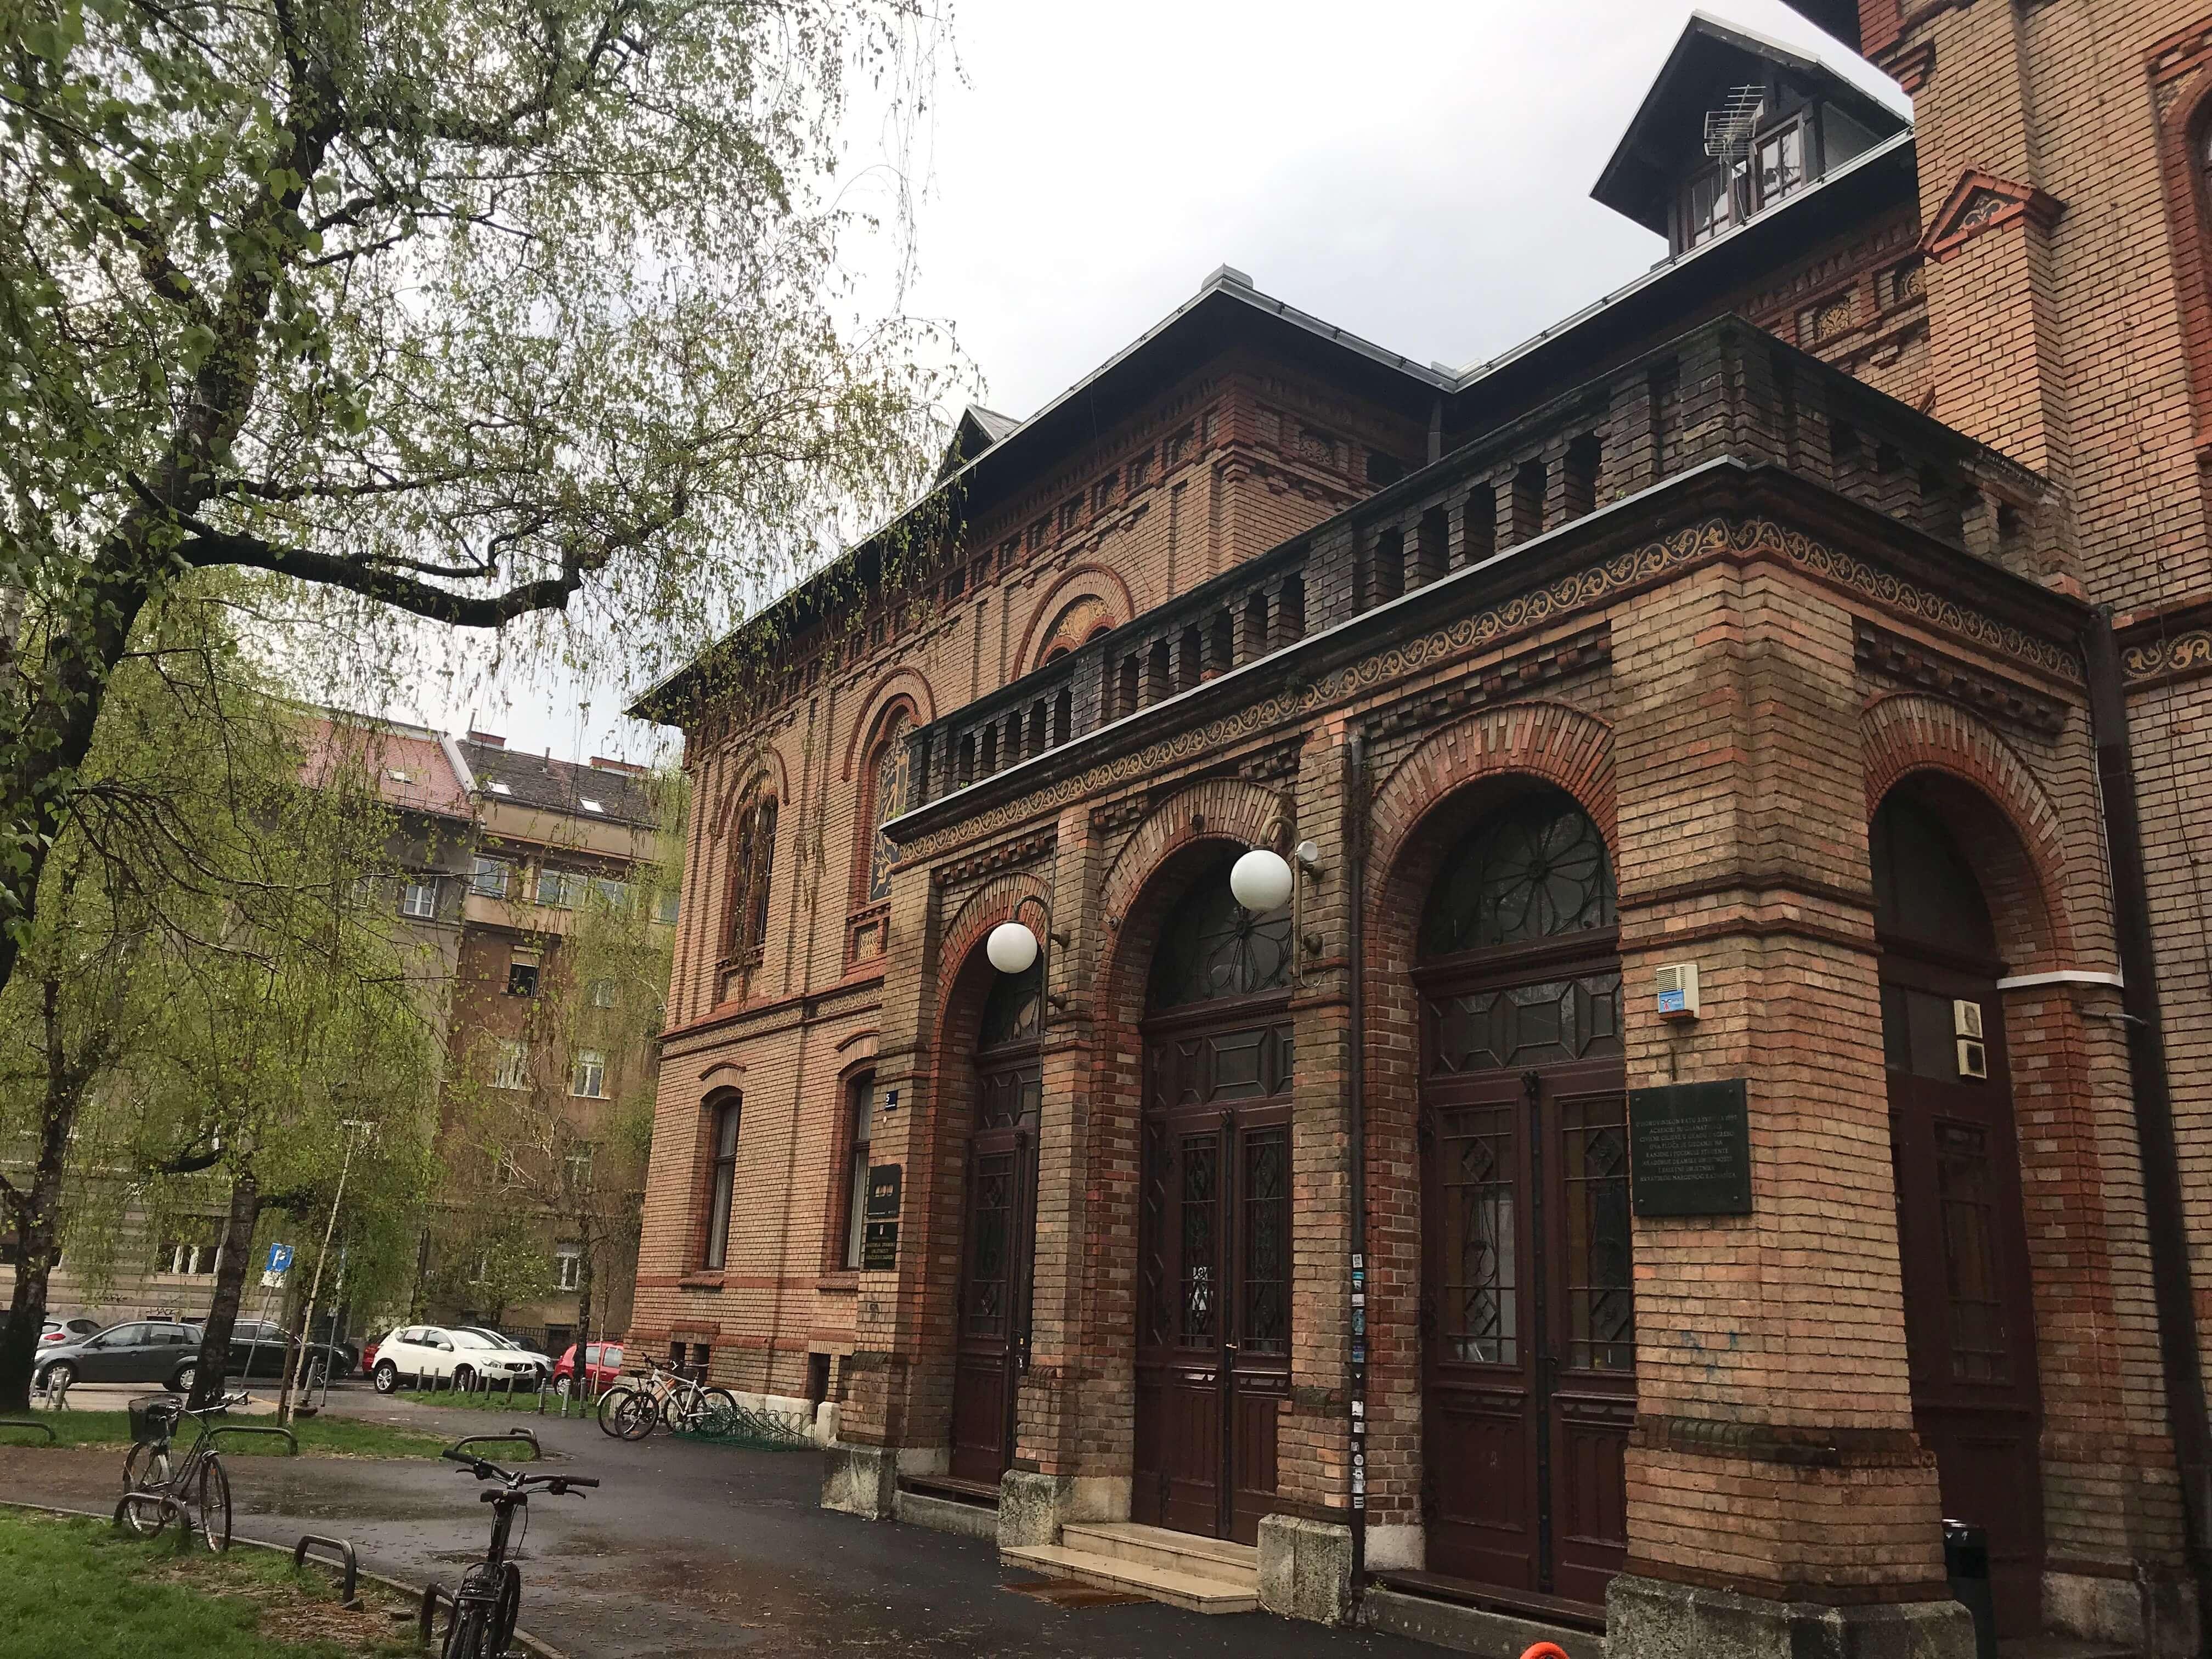 Odluka pala jutros: I Akademija dramske umjetnosti protivi se Bandićevom doktoratu